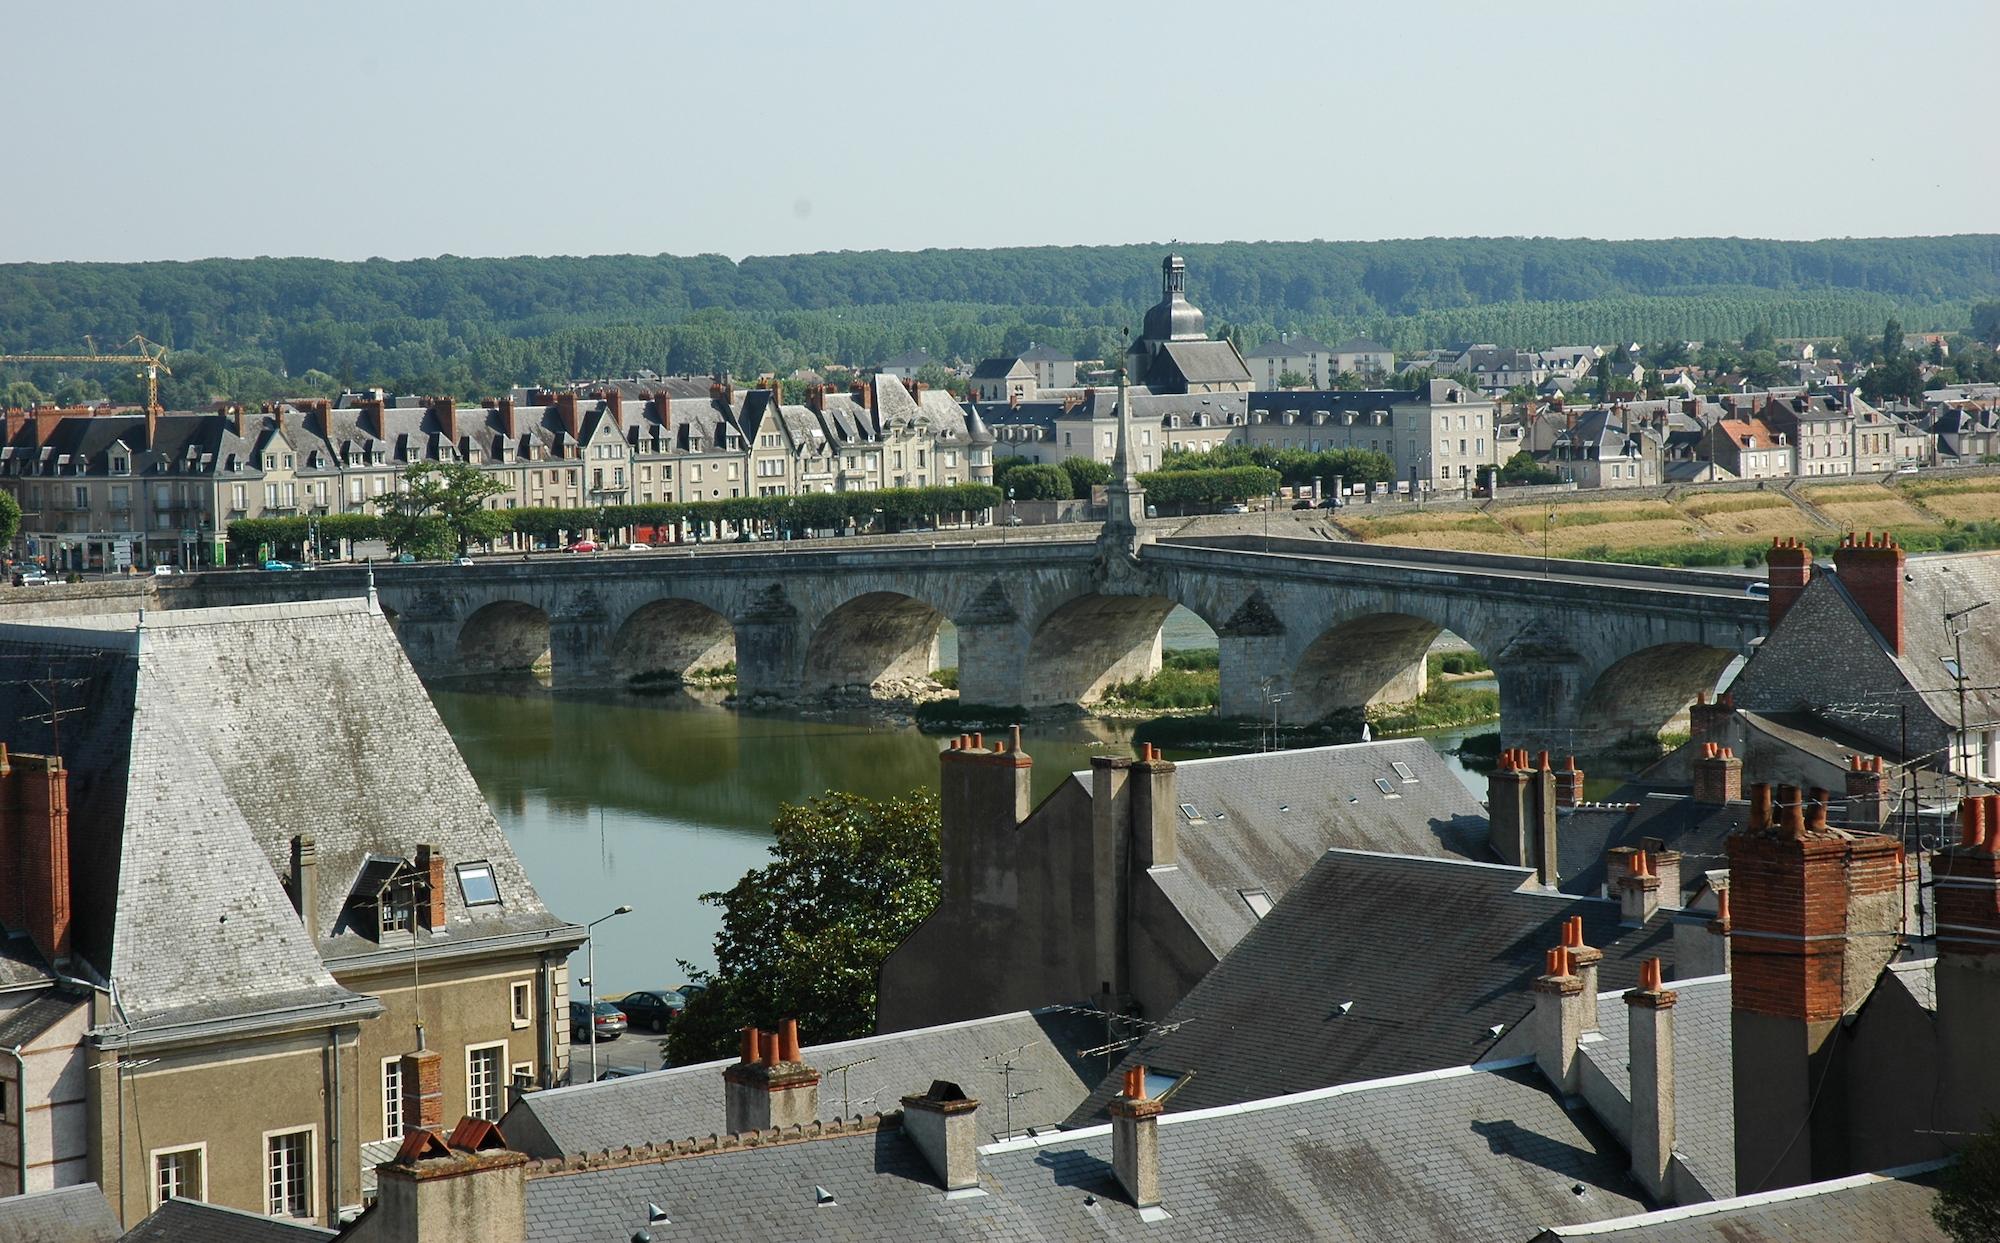 France_Loir-et-Cher_Blois_Pont_Jacques_Ange_Gabriel_01